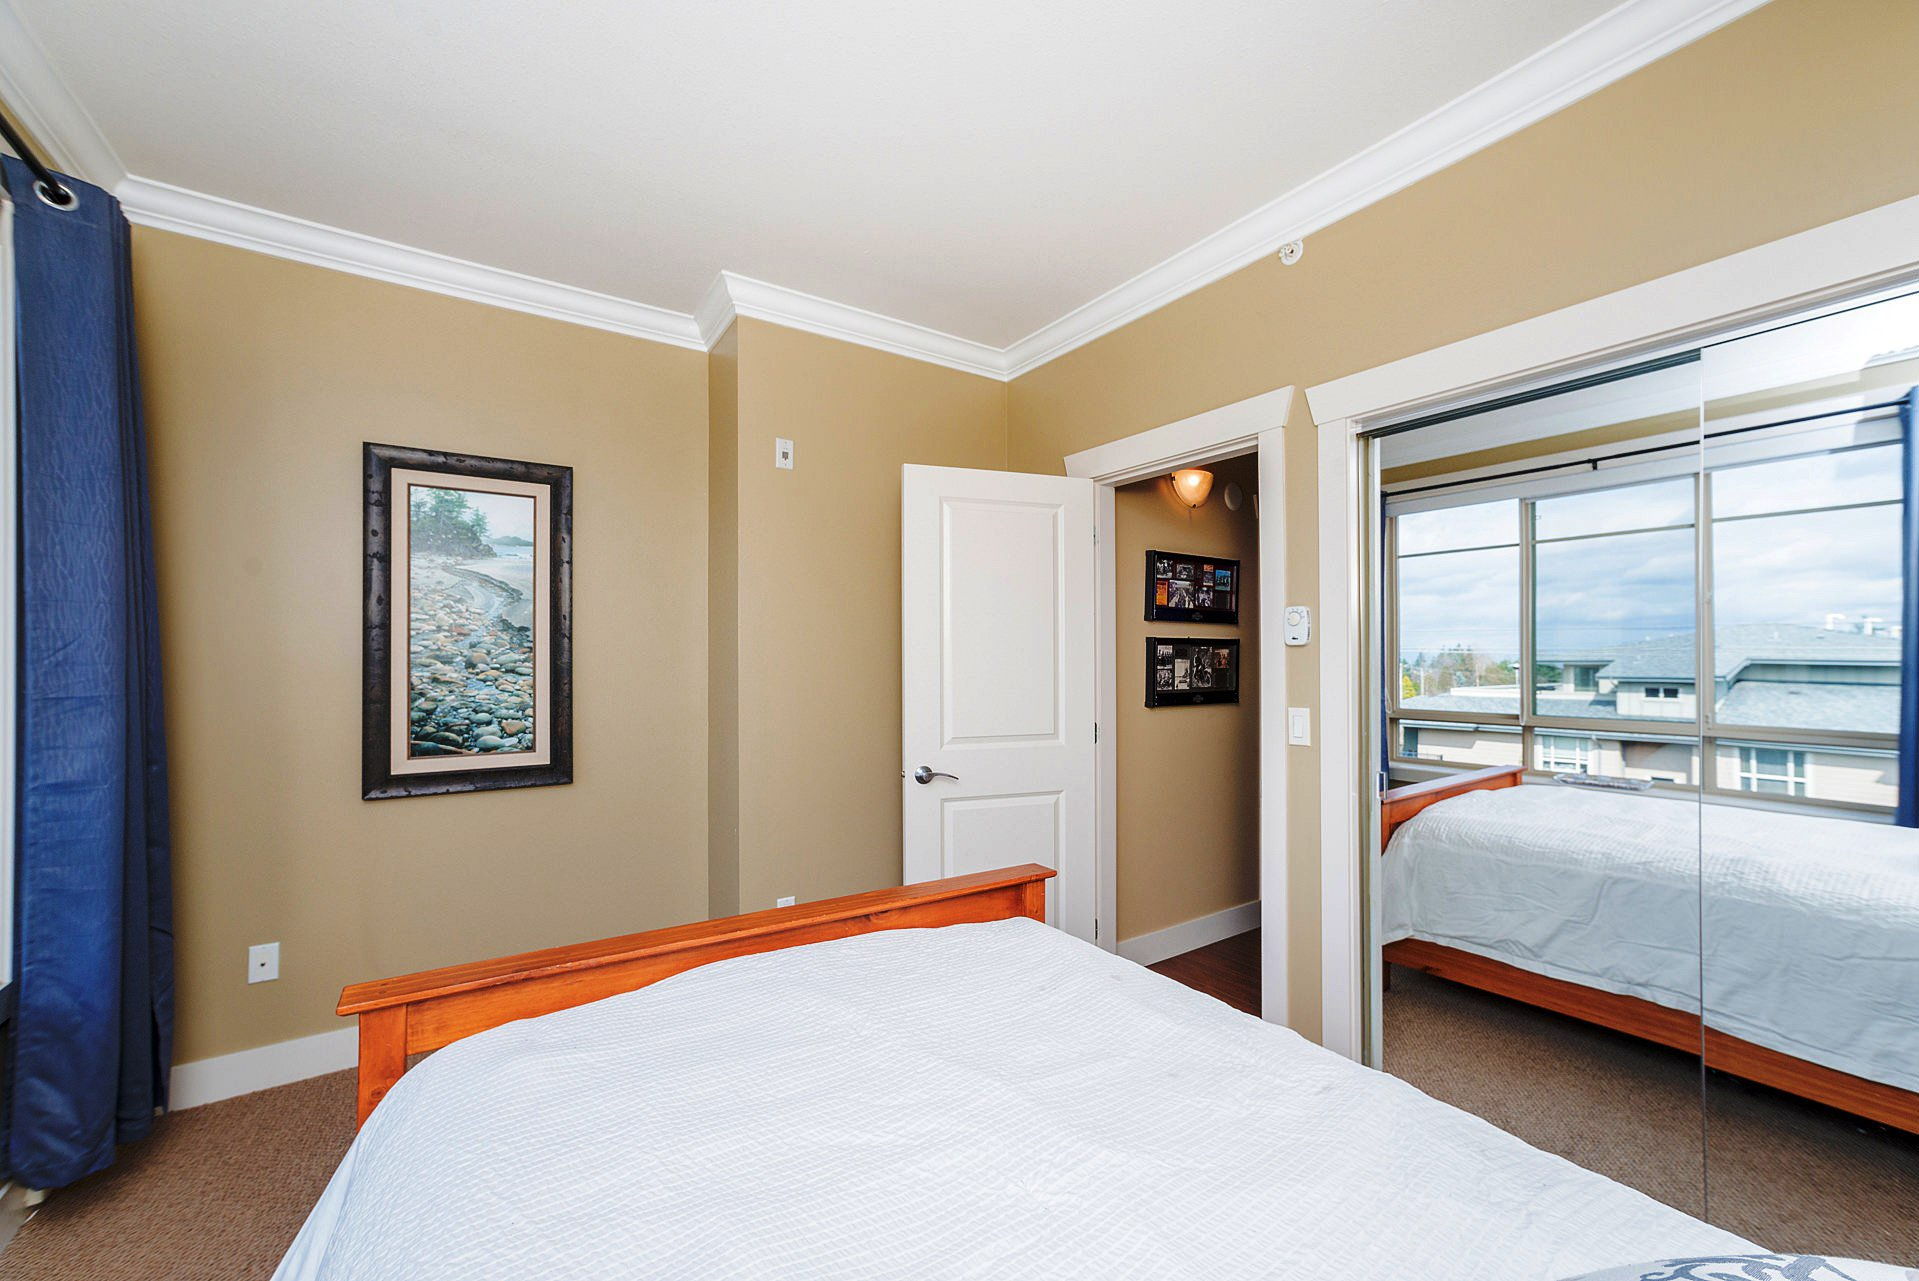 """Photo 21: Photos: 408 15368 17A Avenue in Surrey: King George Corridor Condo for sale in """"OCEAN WYNDE"""" (South Surrey White Rock)  : MLS®# R2249492"""